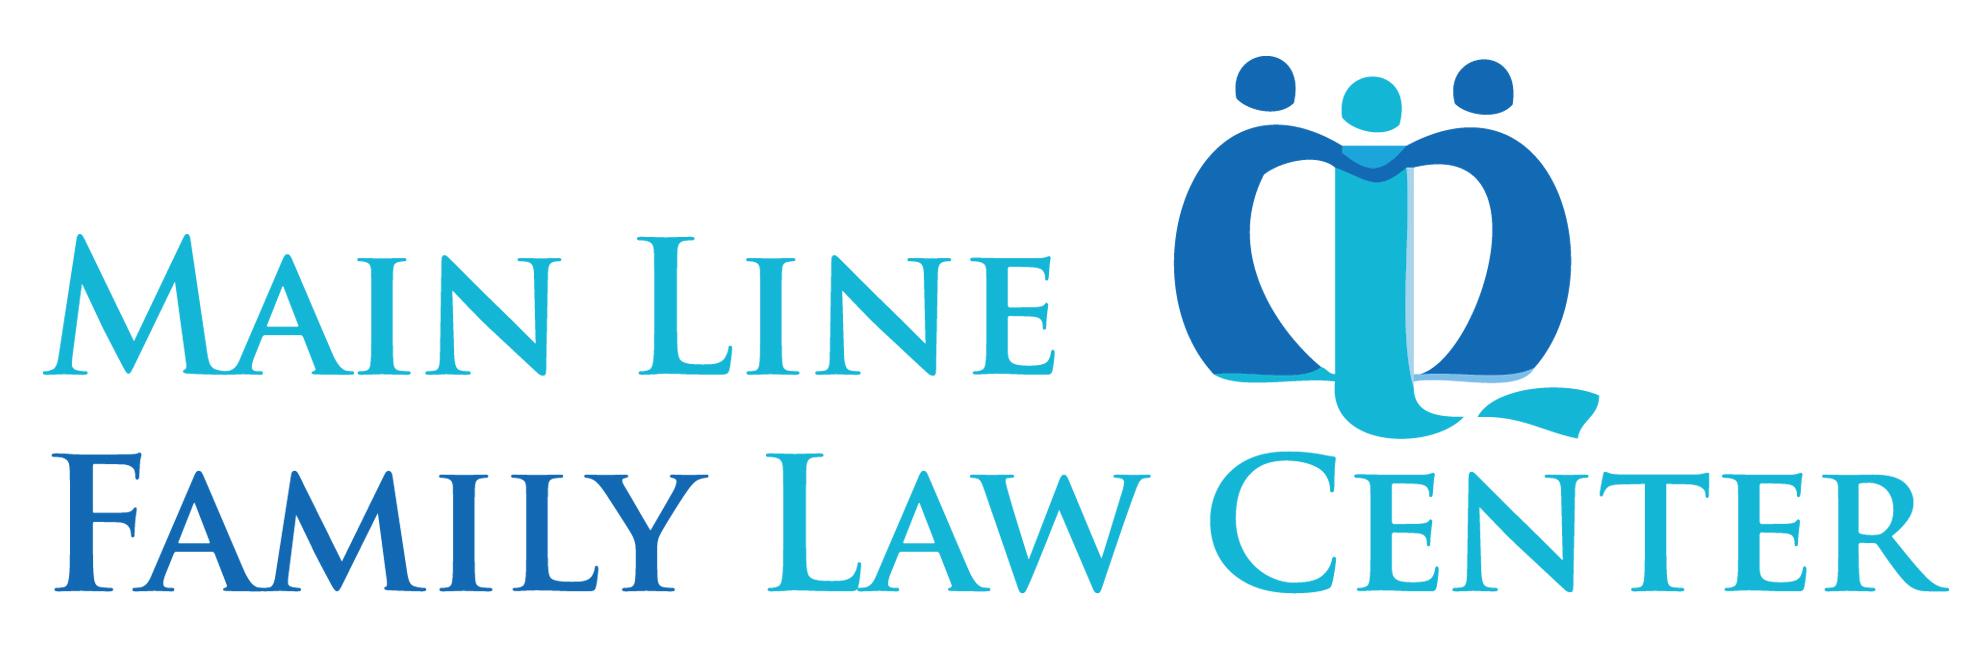 main-line-family-law-center.jpg